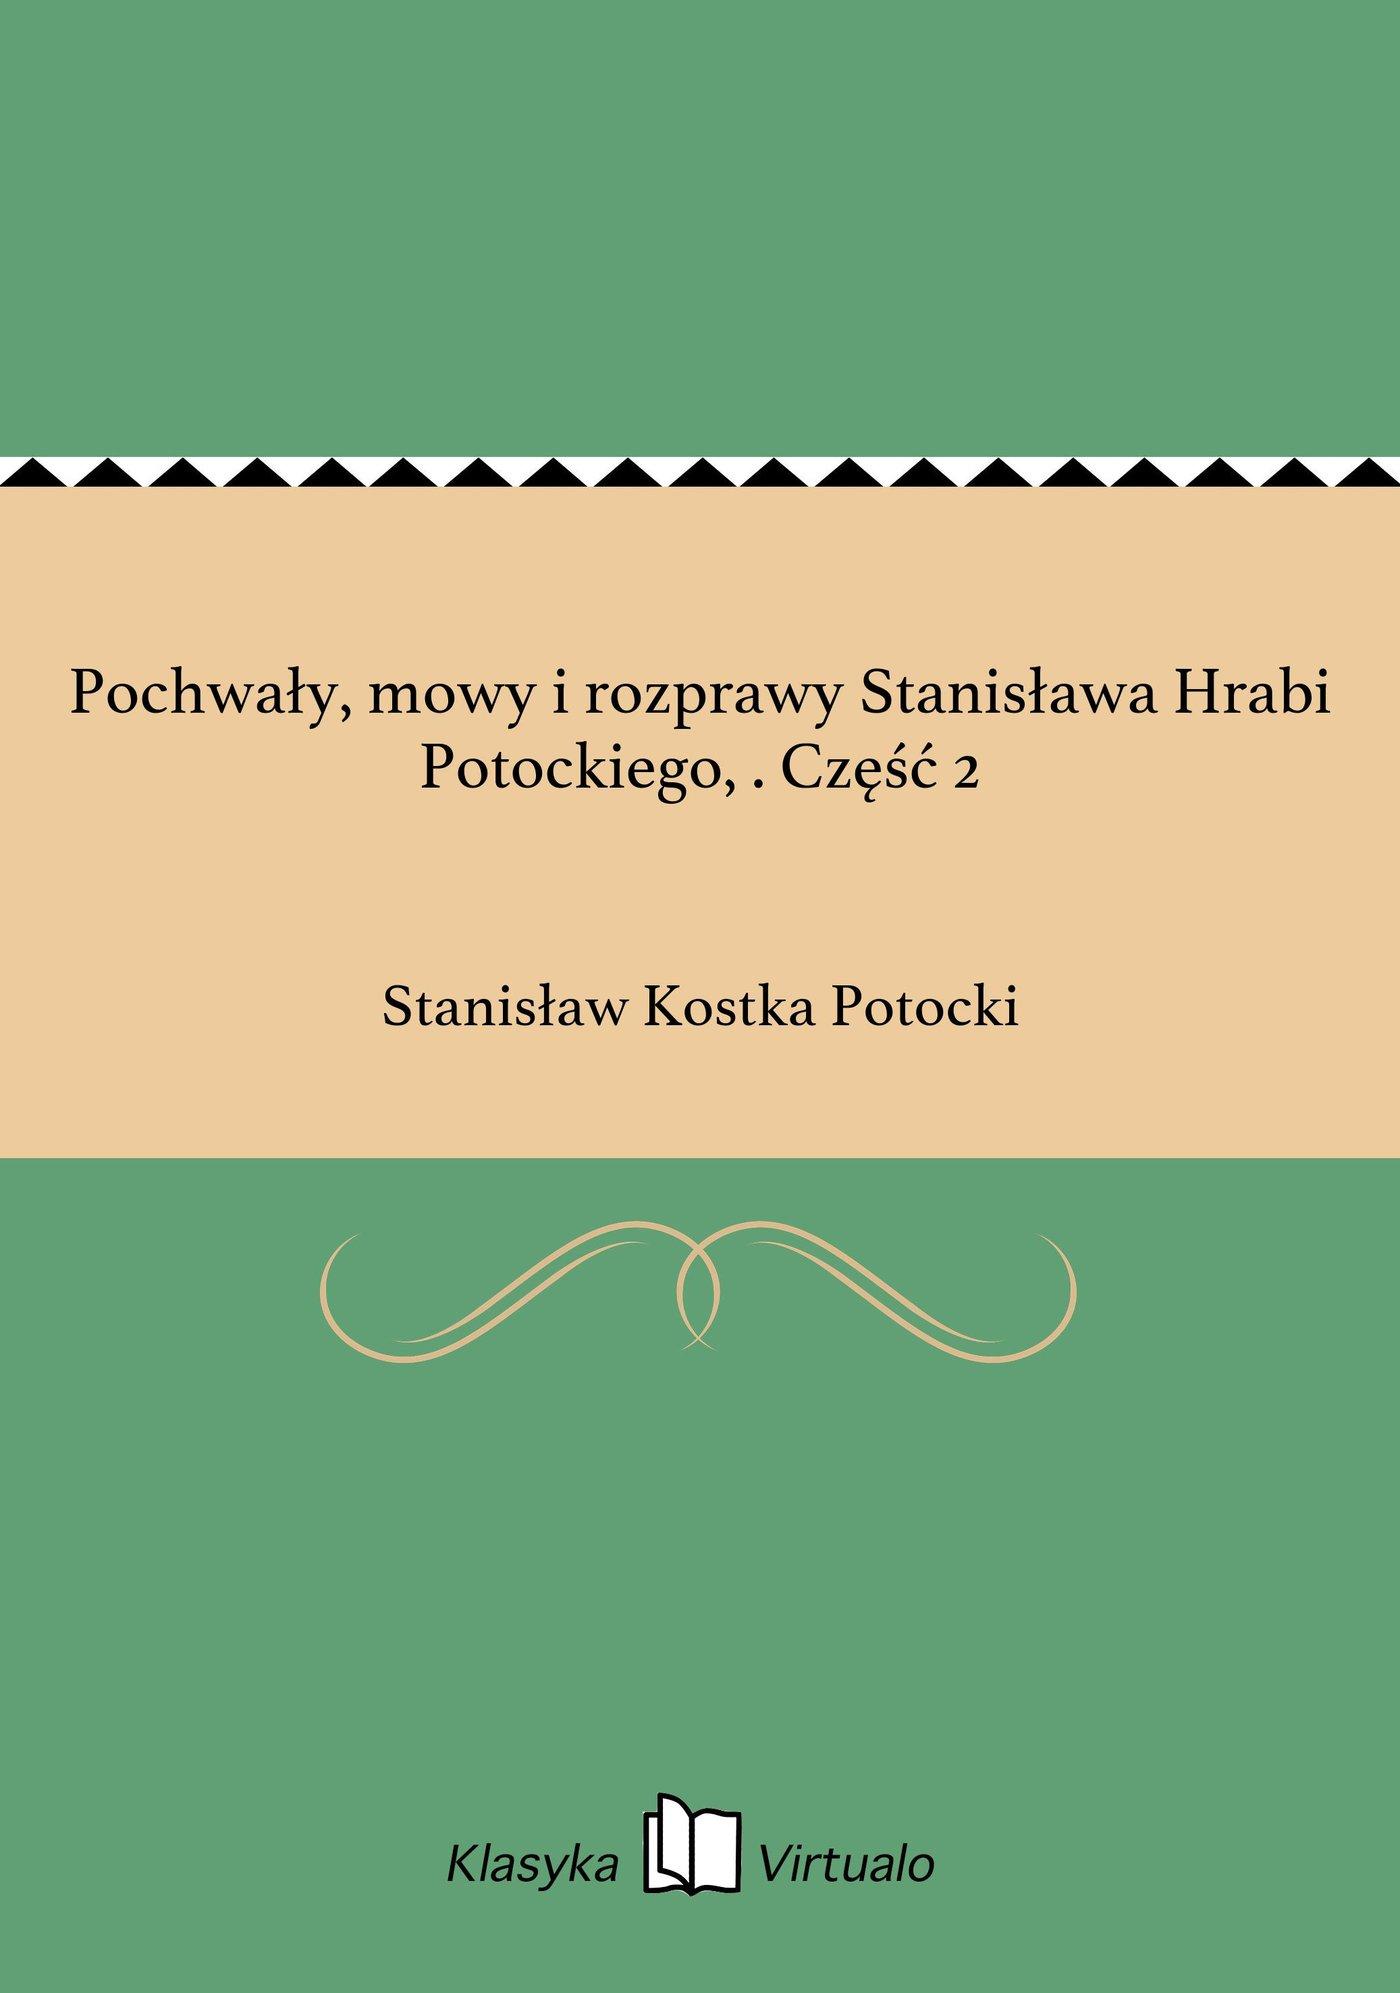 Pochwały, mowy i rozprawy Stanisława Hrabi Potockiego, . Część 2 - Ebook (Książka EPUB) do pobrania w formacie EPUB